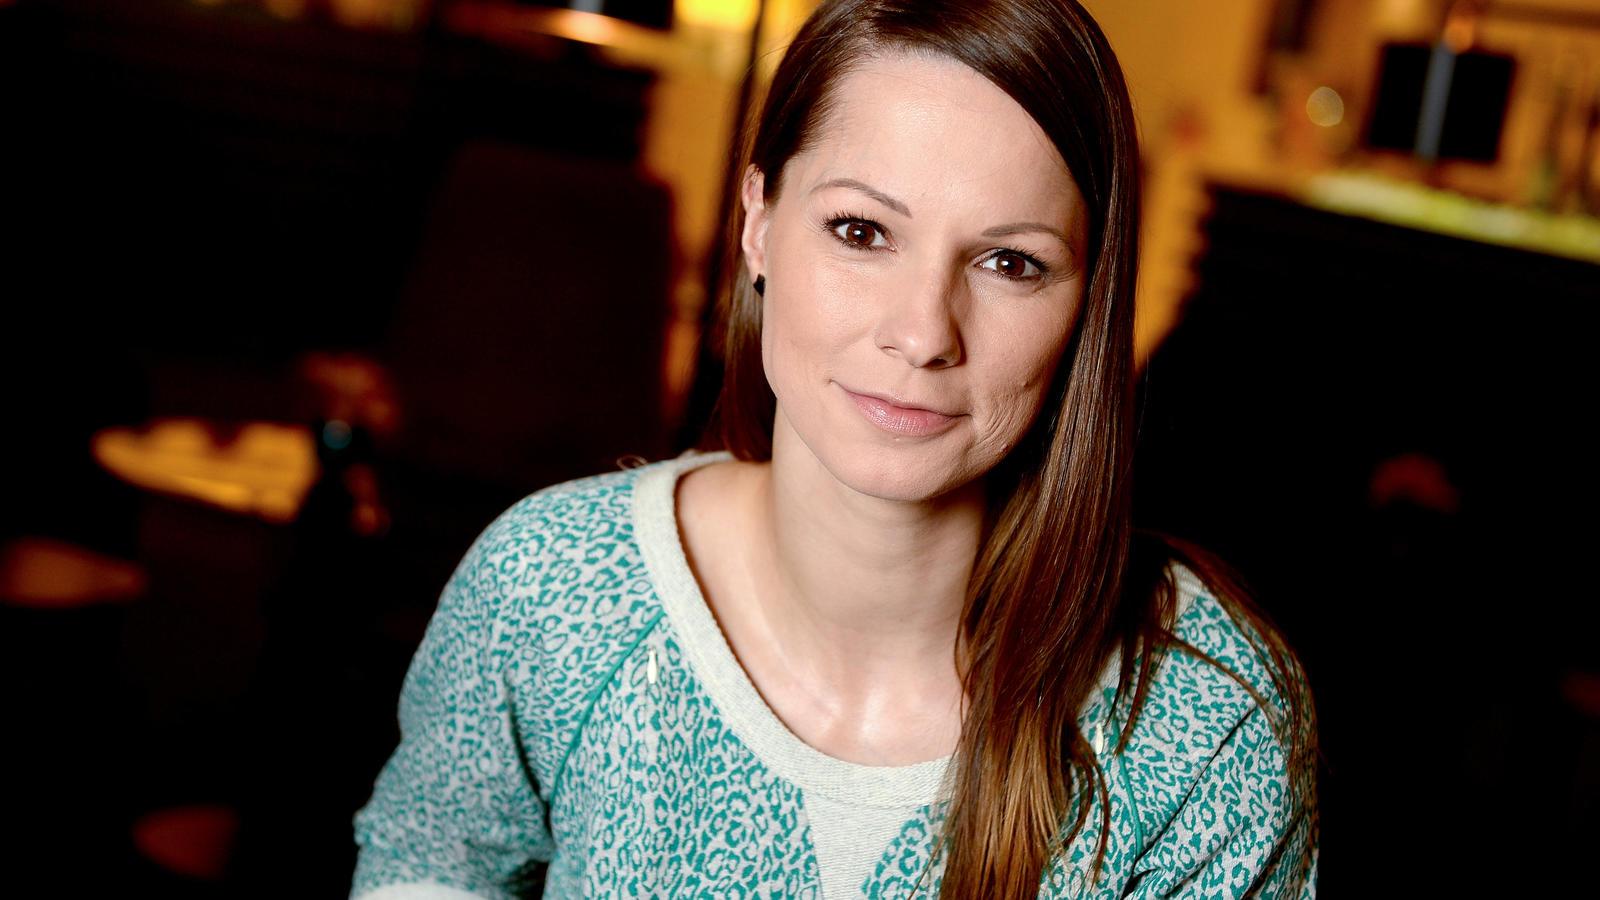 Die österreichische Sängerin Christina Stürmer ist zum zweiten Mal schwanger.